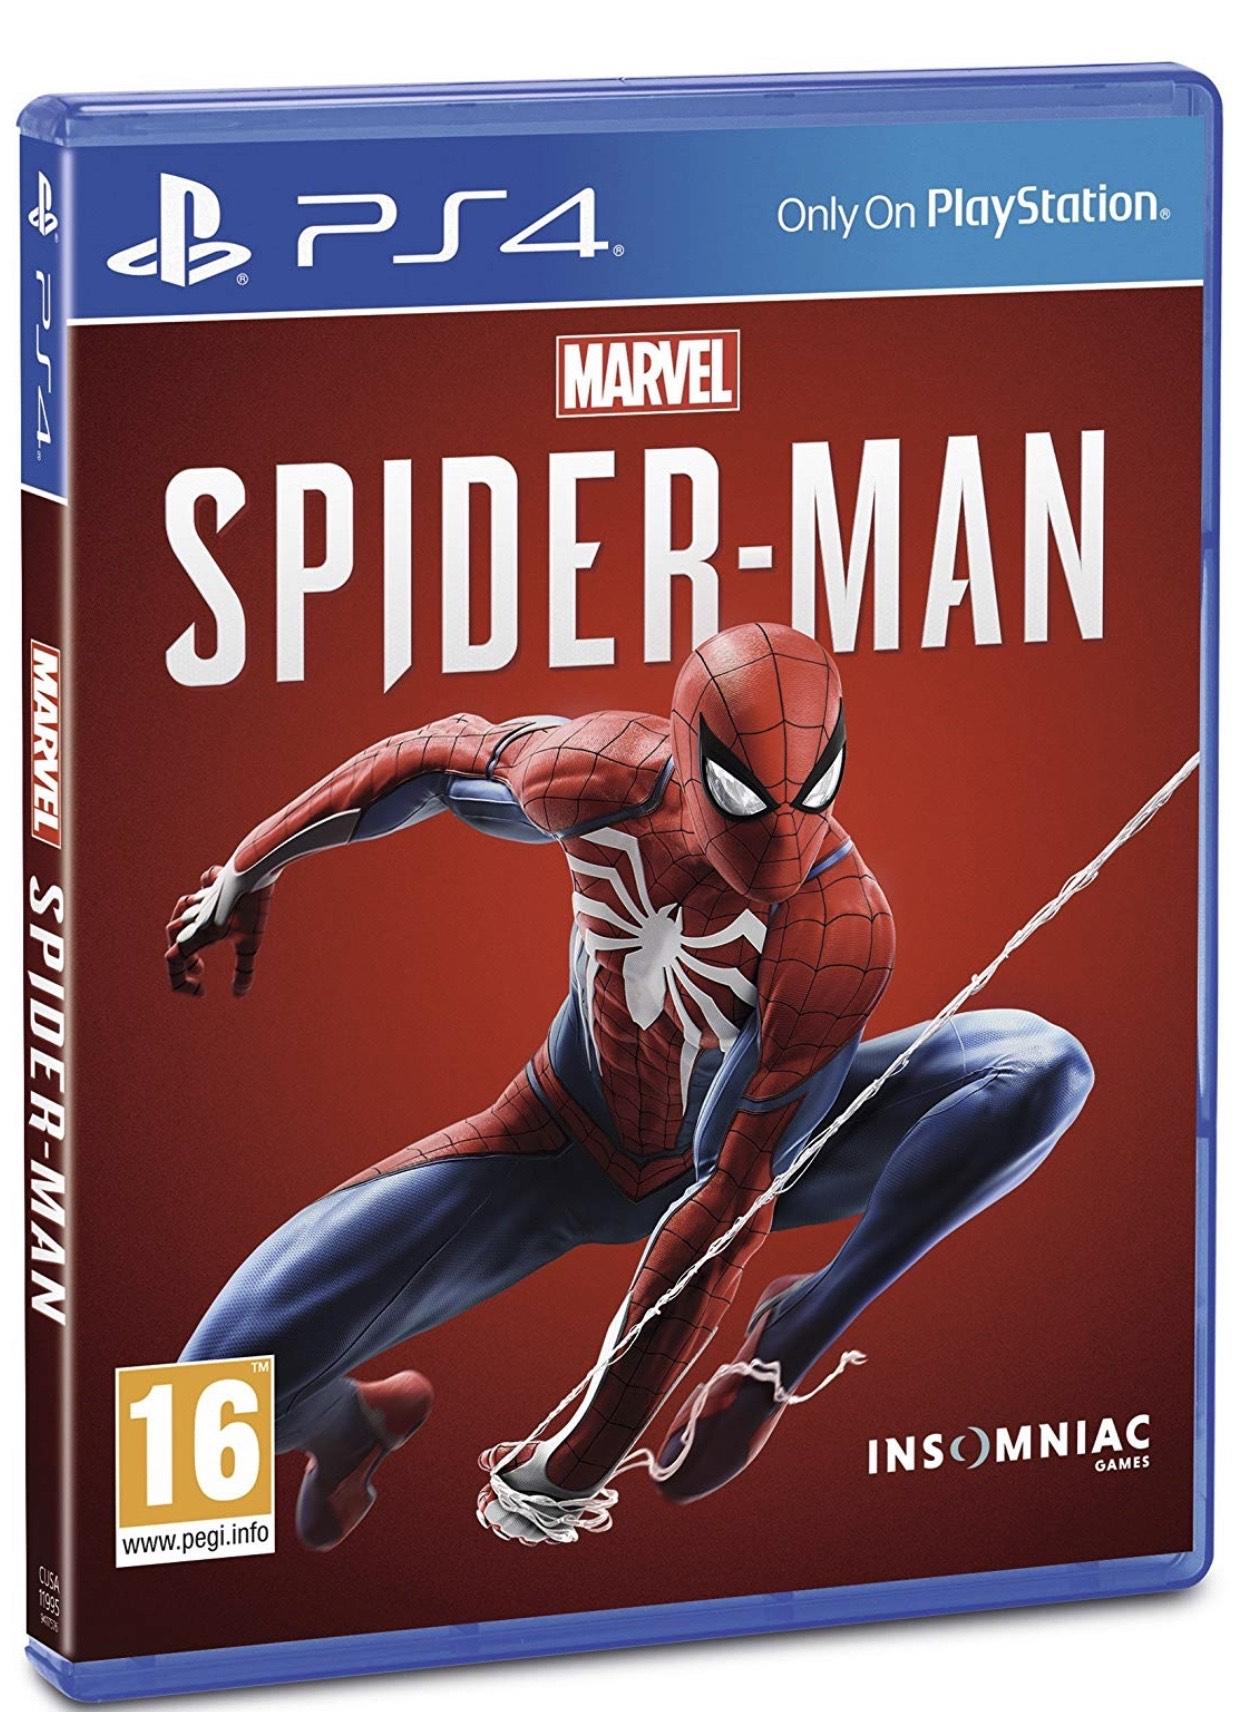 Spider-Man (PS4) £13.99, God of war (PS4) £11.99 (Ex-rental) @ boomerang rentals via eBay